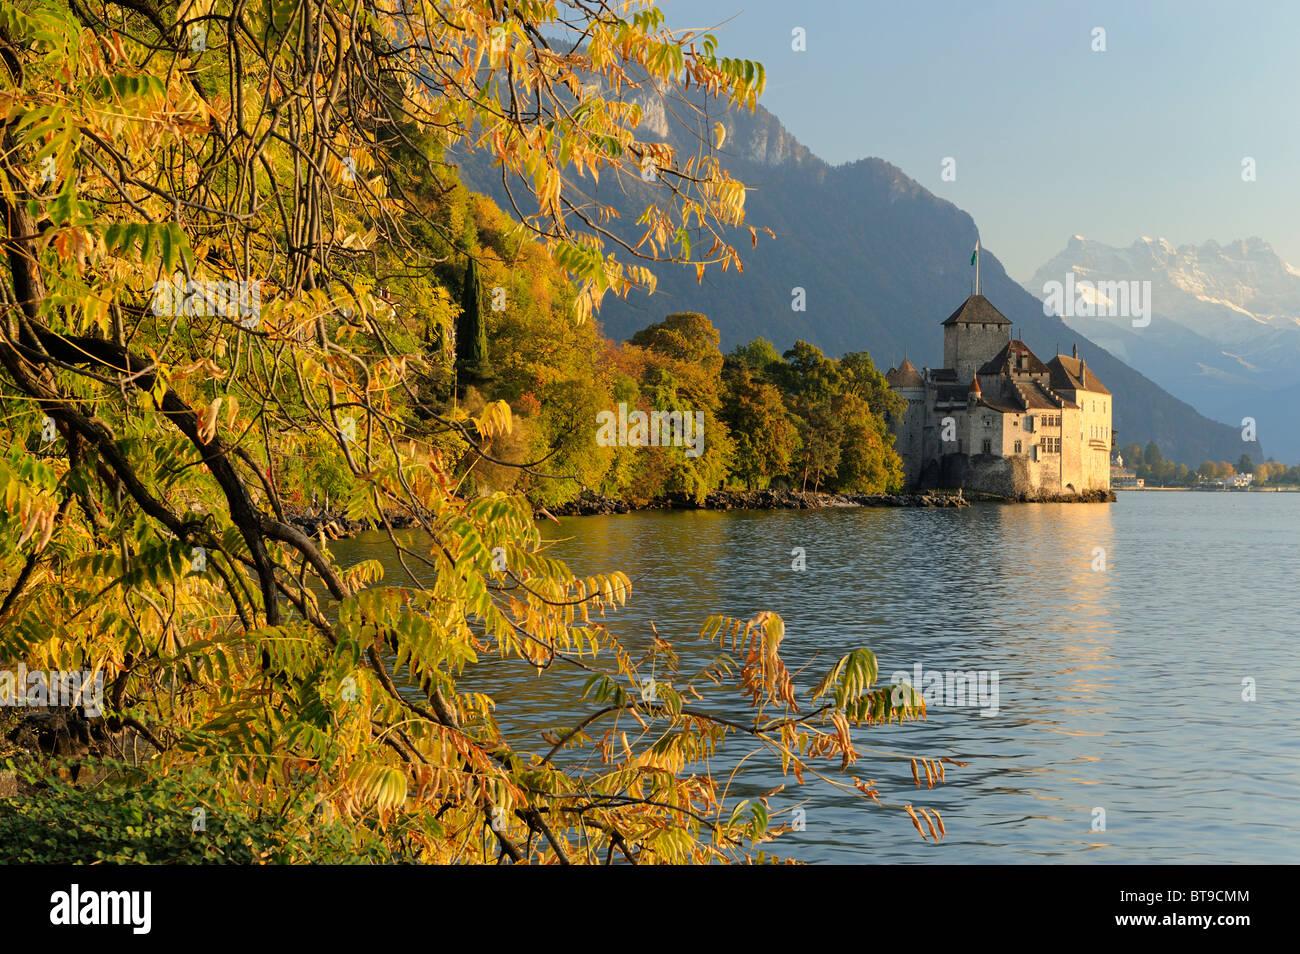 Chillon Castle on Lake Geneva and the Dents du Midi mountains, Veytaux, Montreux, Switzerland, Europe - Stock Image